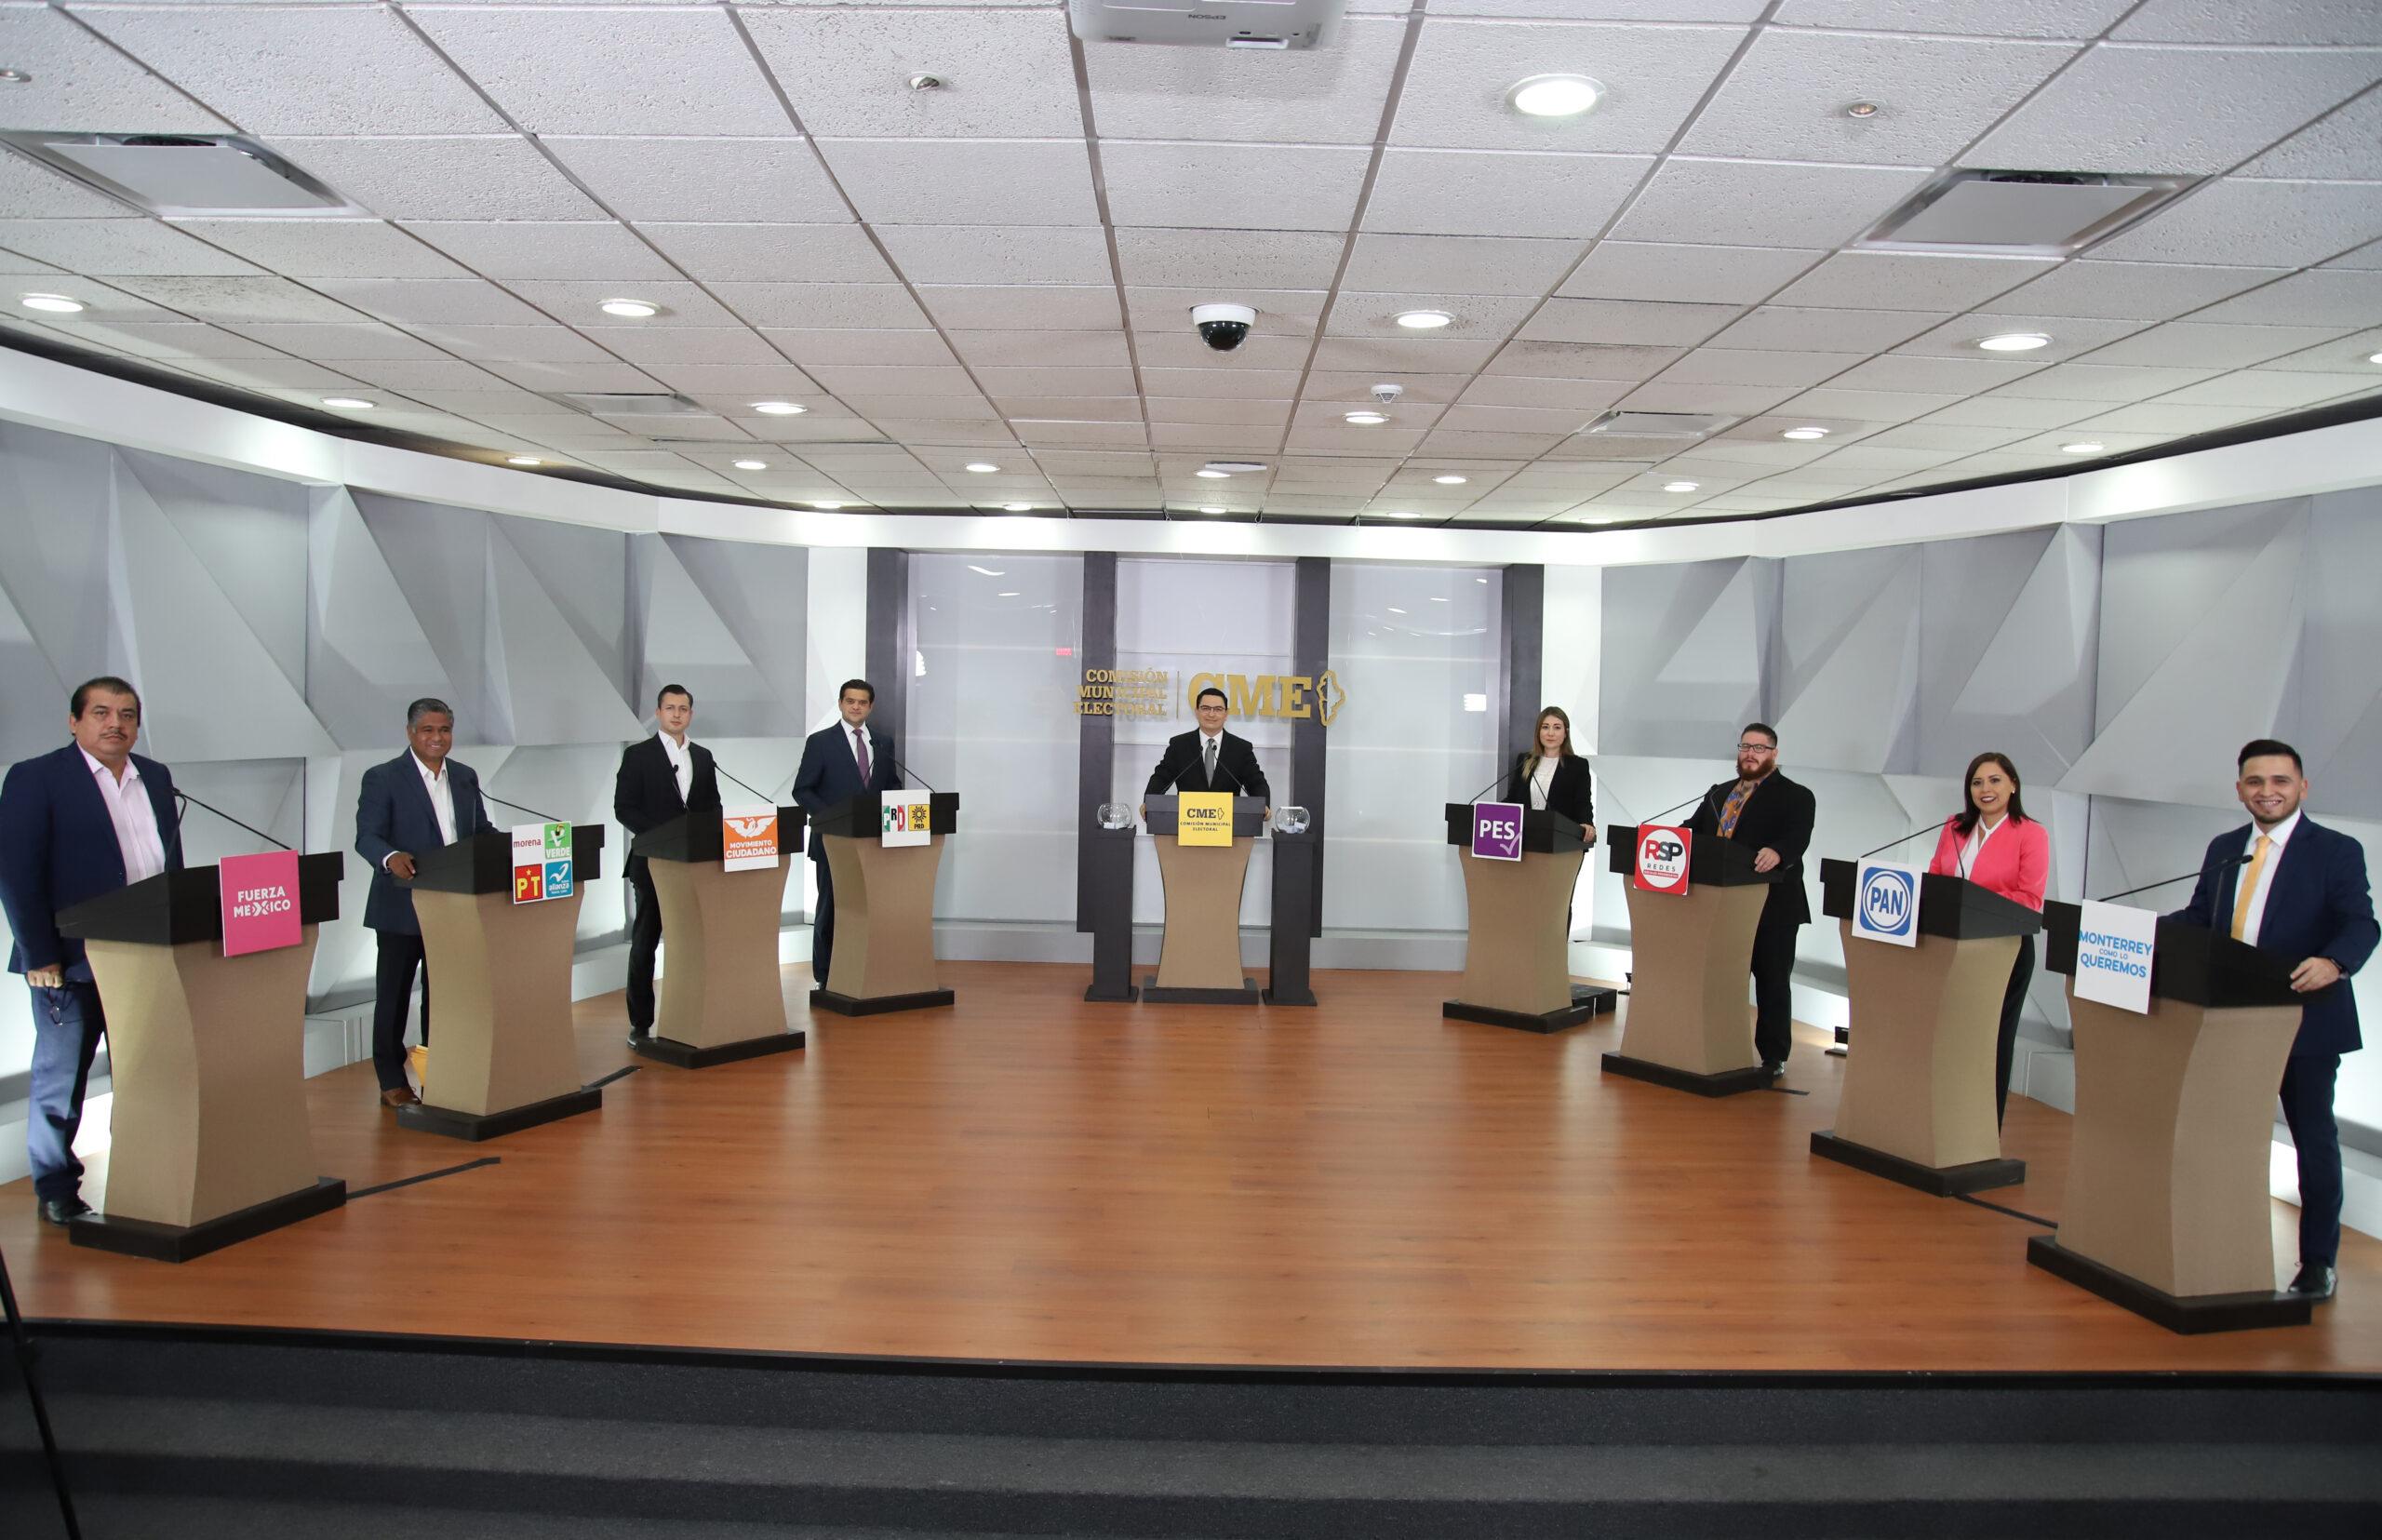 CONFRONTAN PROPUESTAS ASPIRANTES A ALCALDÍA DE MONTERREY